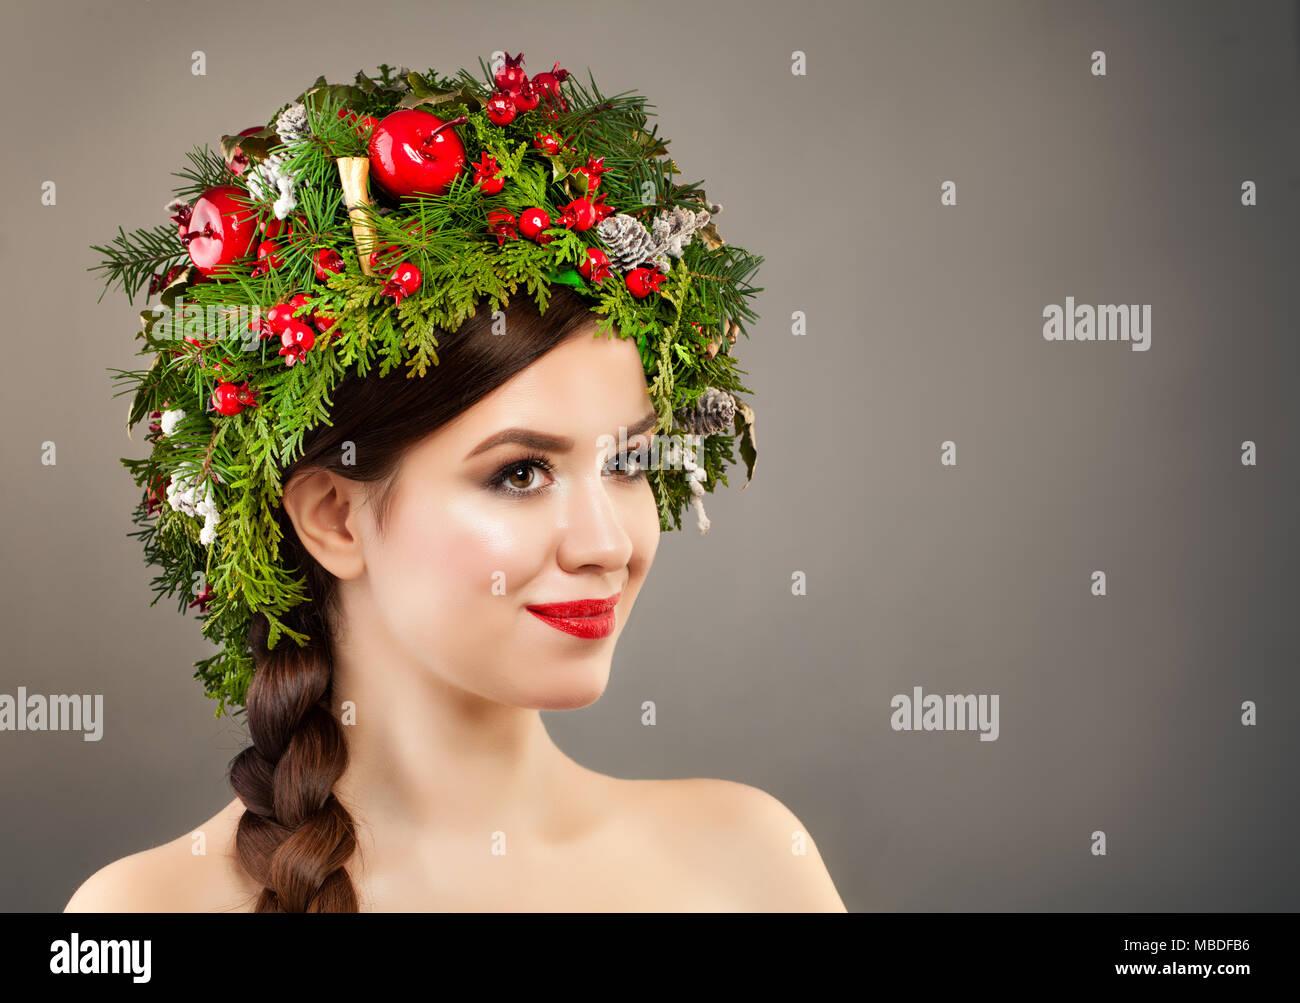 Weihnachten Frau Mit Xmas Tree Kranz Make Up Und Frisur Zopf Auf